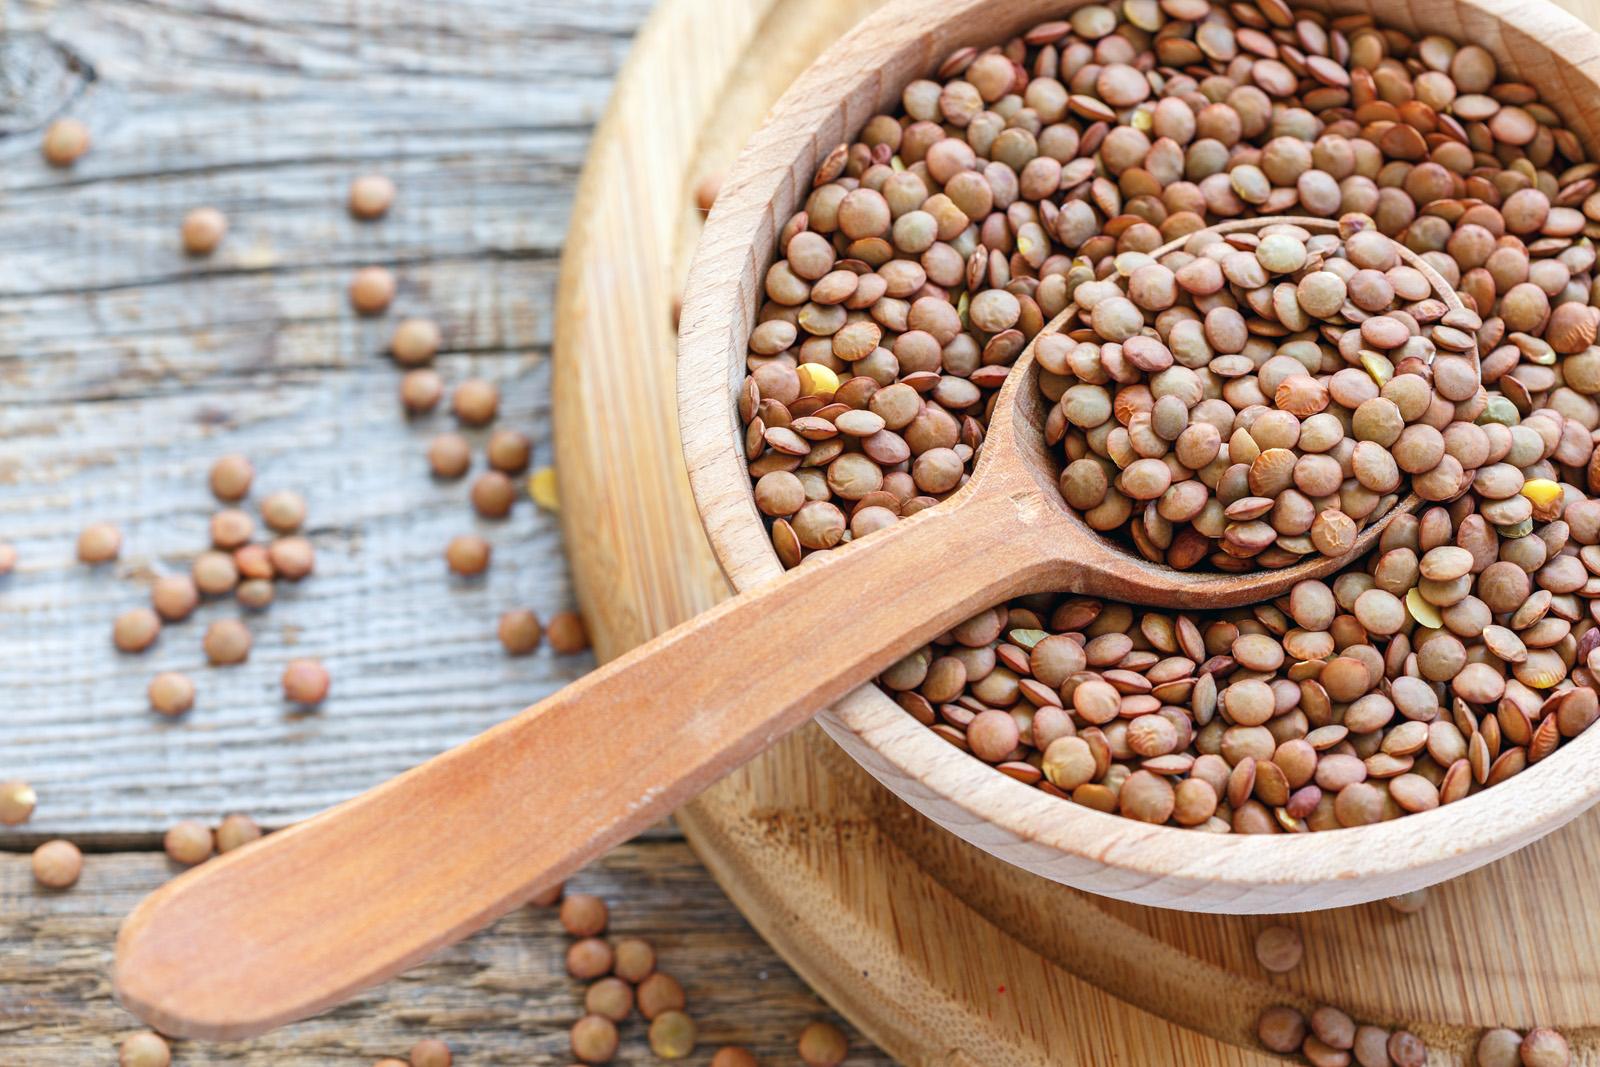 Si dice che mangiare lenticchie porti fortuna, ma questi legumi eserciterebbero la loro buona influenza anche racchiusi in un sacchettino - da appendere ad esempio in casa o da utilizzare come segnaposto per il cenone.